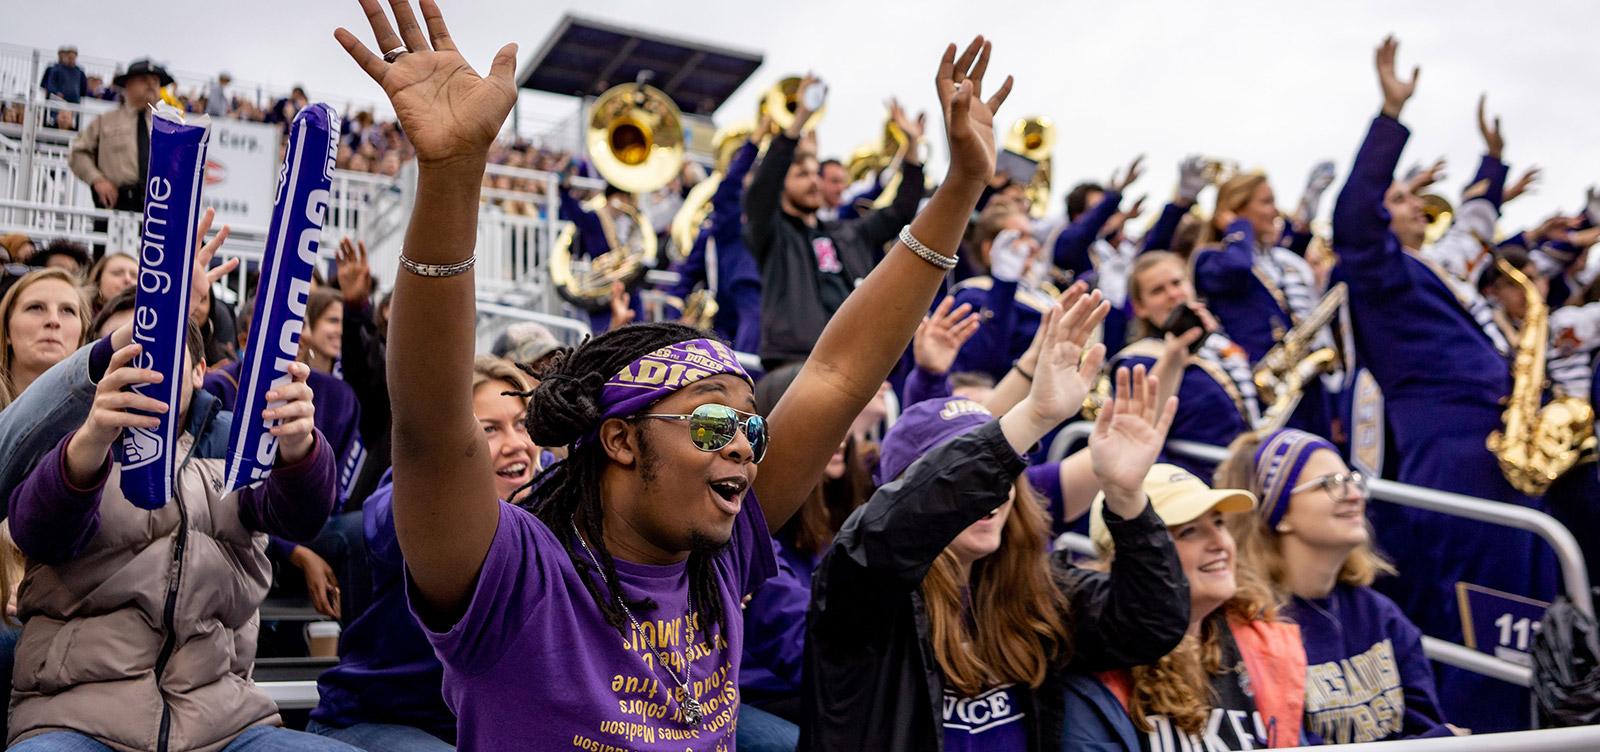 Crowd cheering at a JMU football game